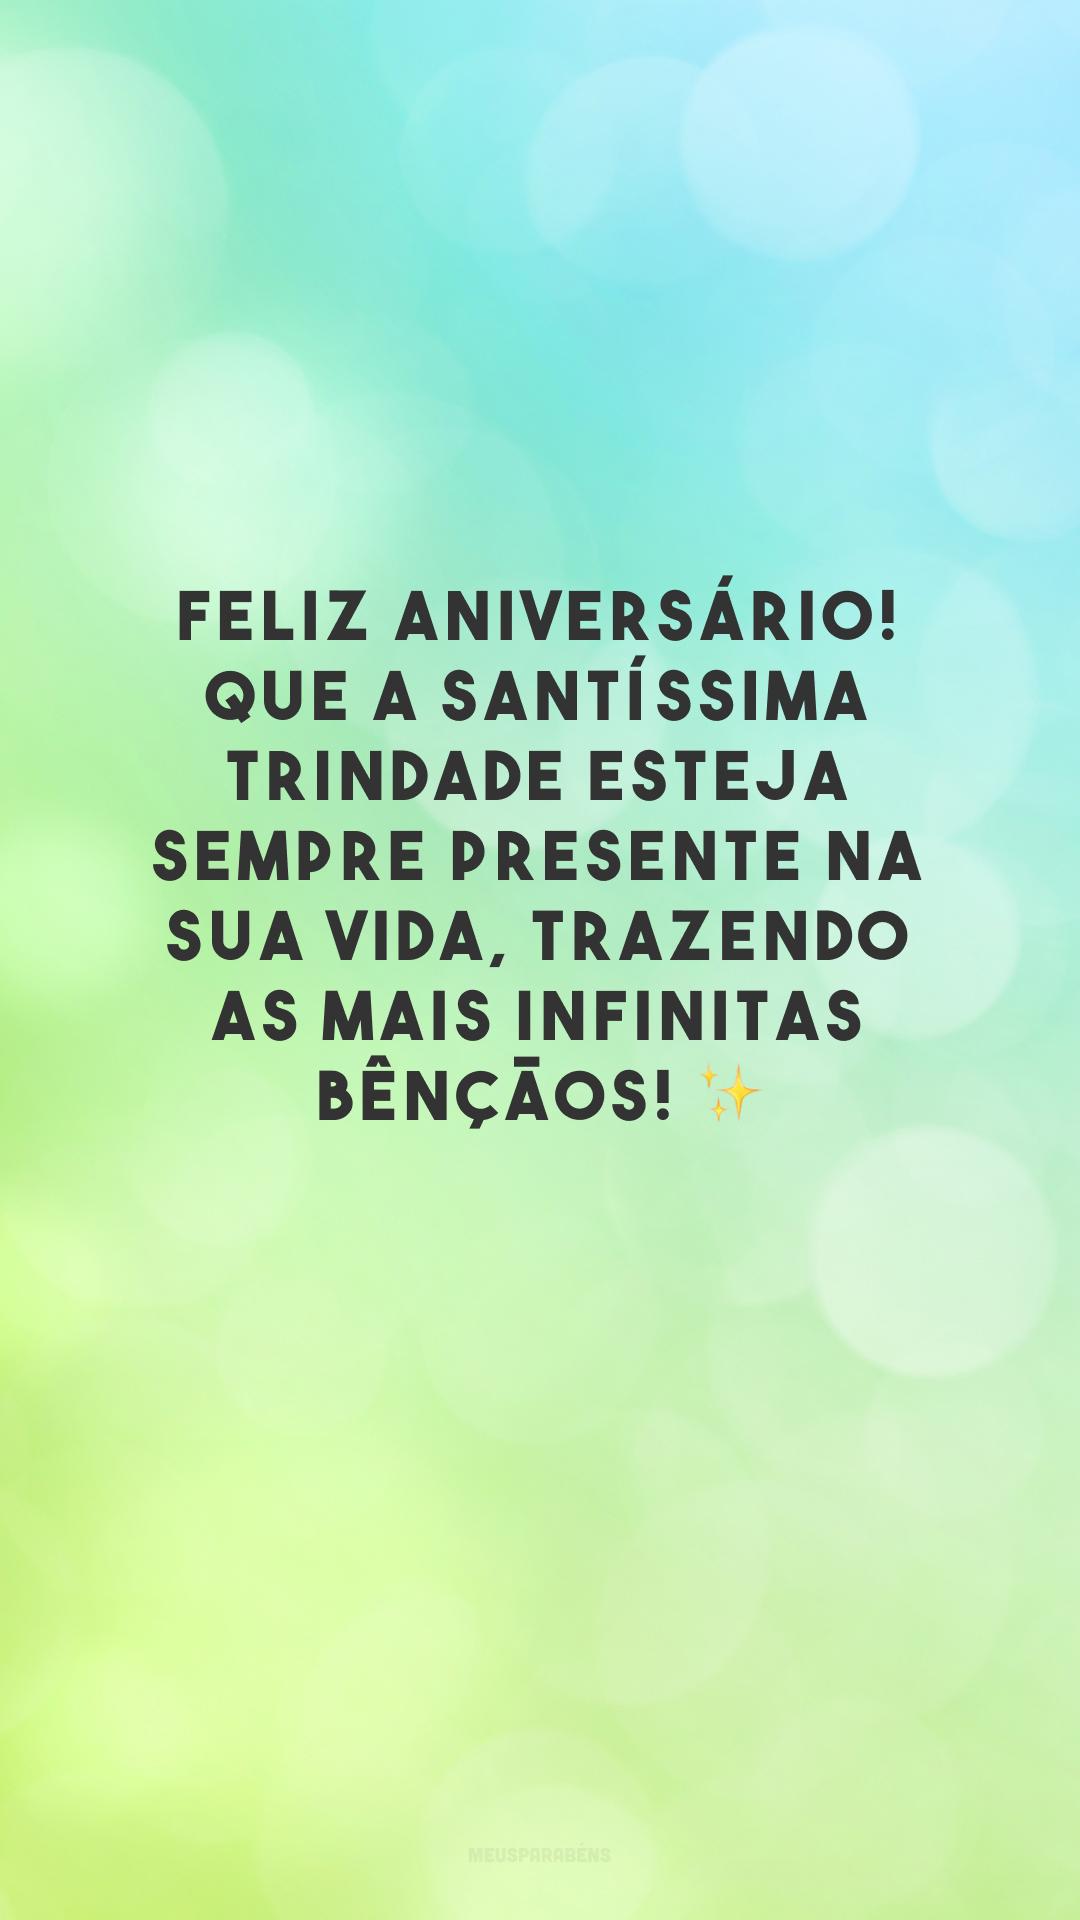 Feliz aniversário! Que a Santíssima Trindade esteja sempre presente na sua vida, trazendo as mais infinitas bênçãos! ✨